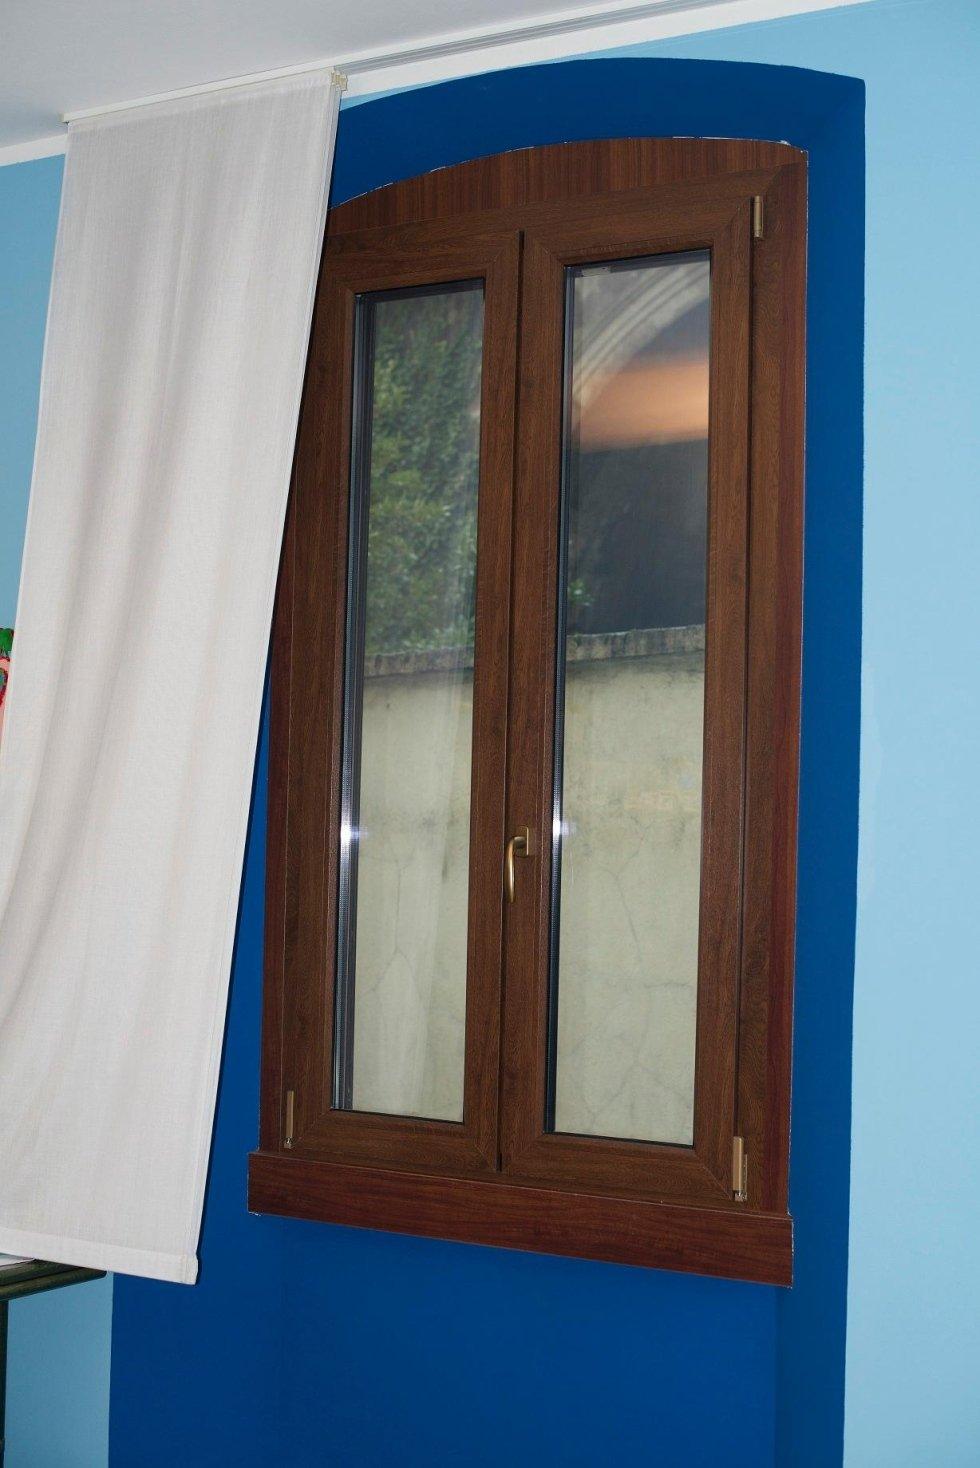 finestra in legno con tenda bianca